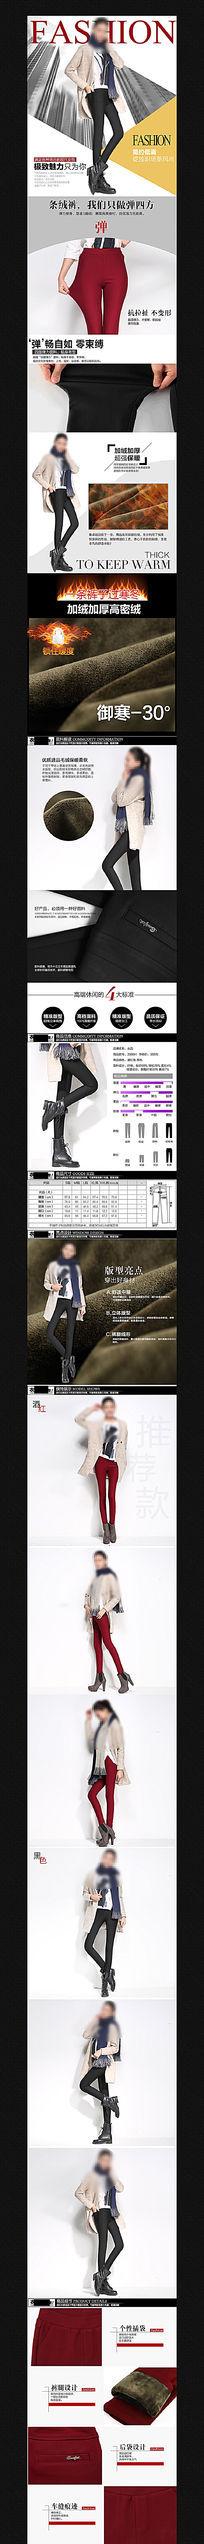 淘宝天猫京东休闲裤详情页PSD素材模板